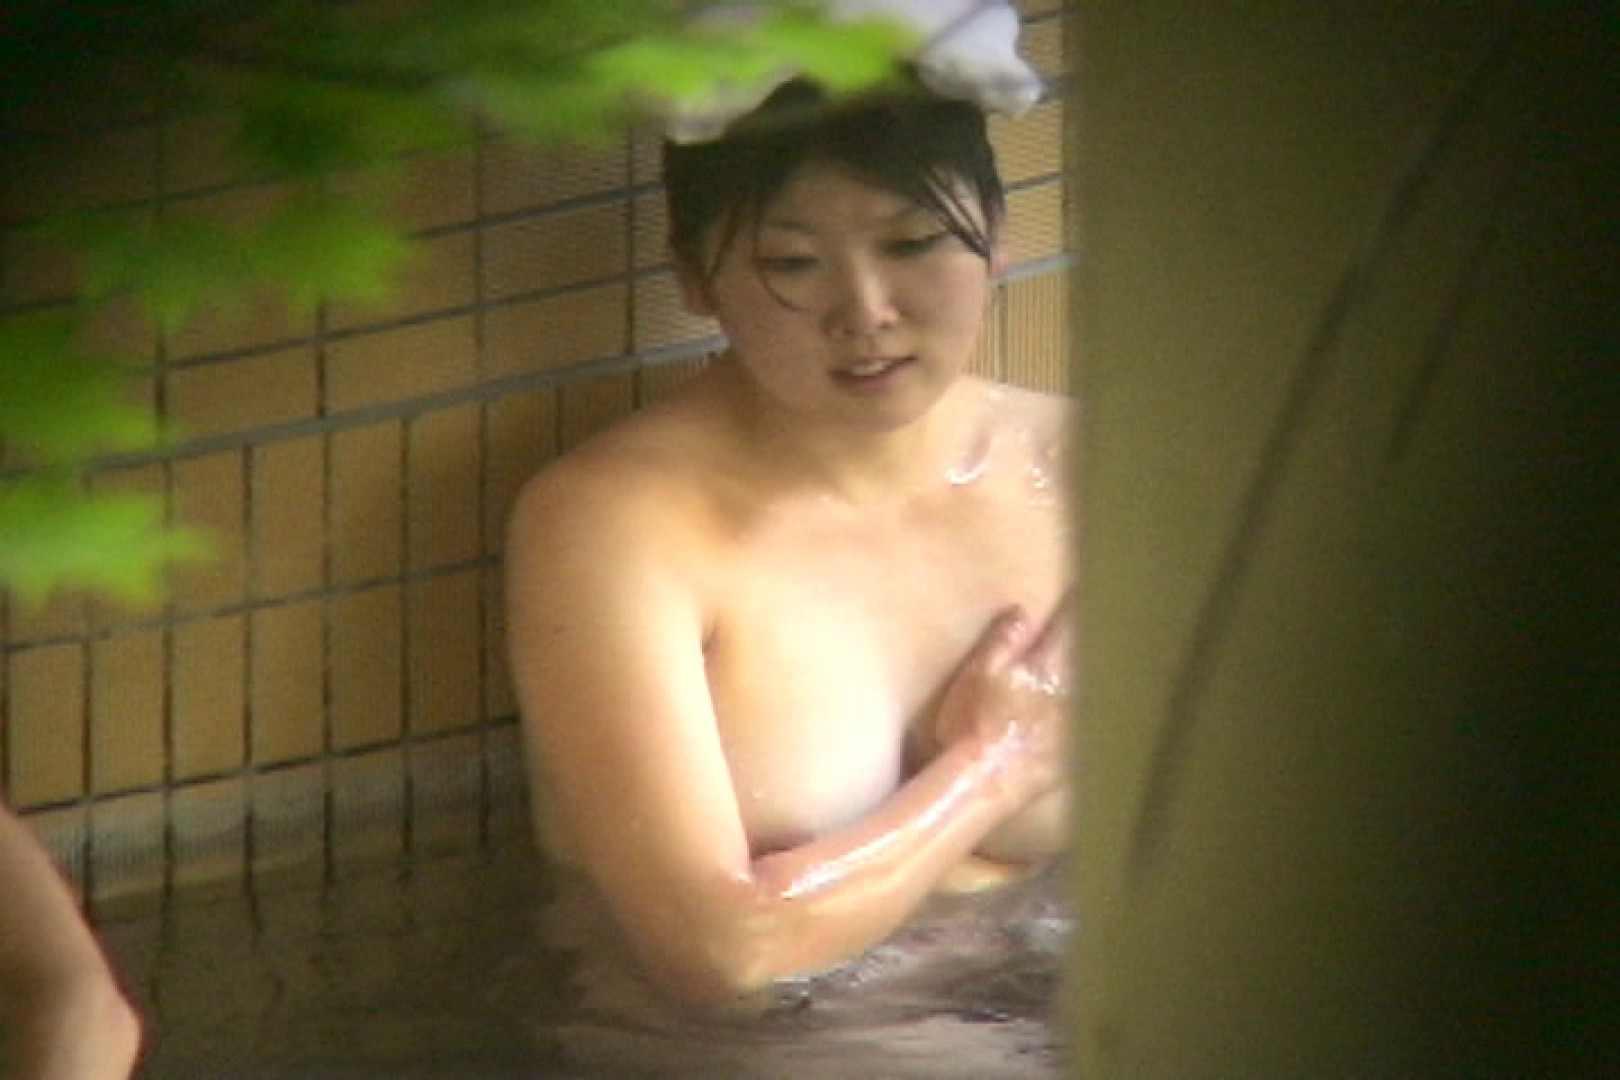 Aquaな露天風呂Vol.704 OLのエロ生活  38連発 30